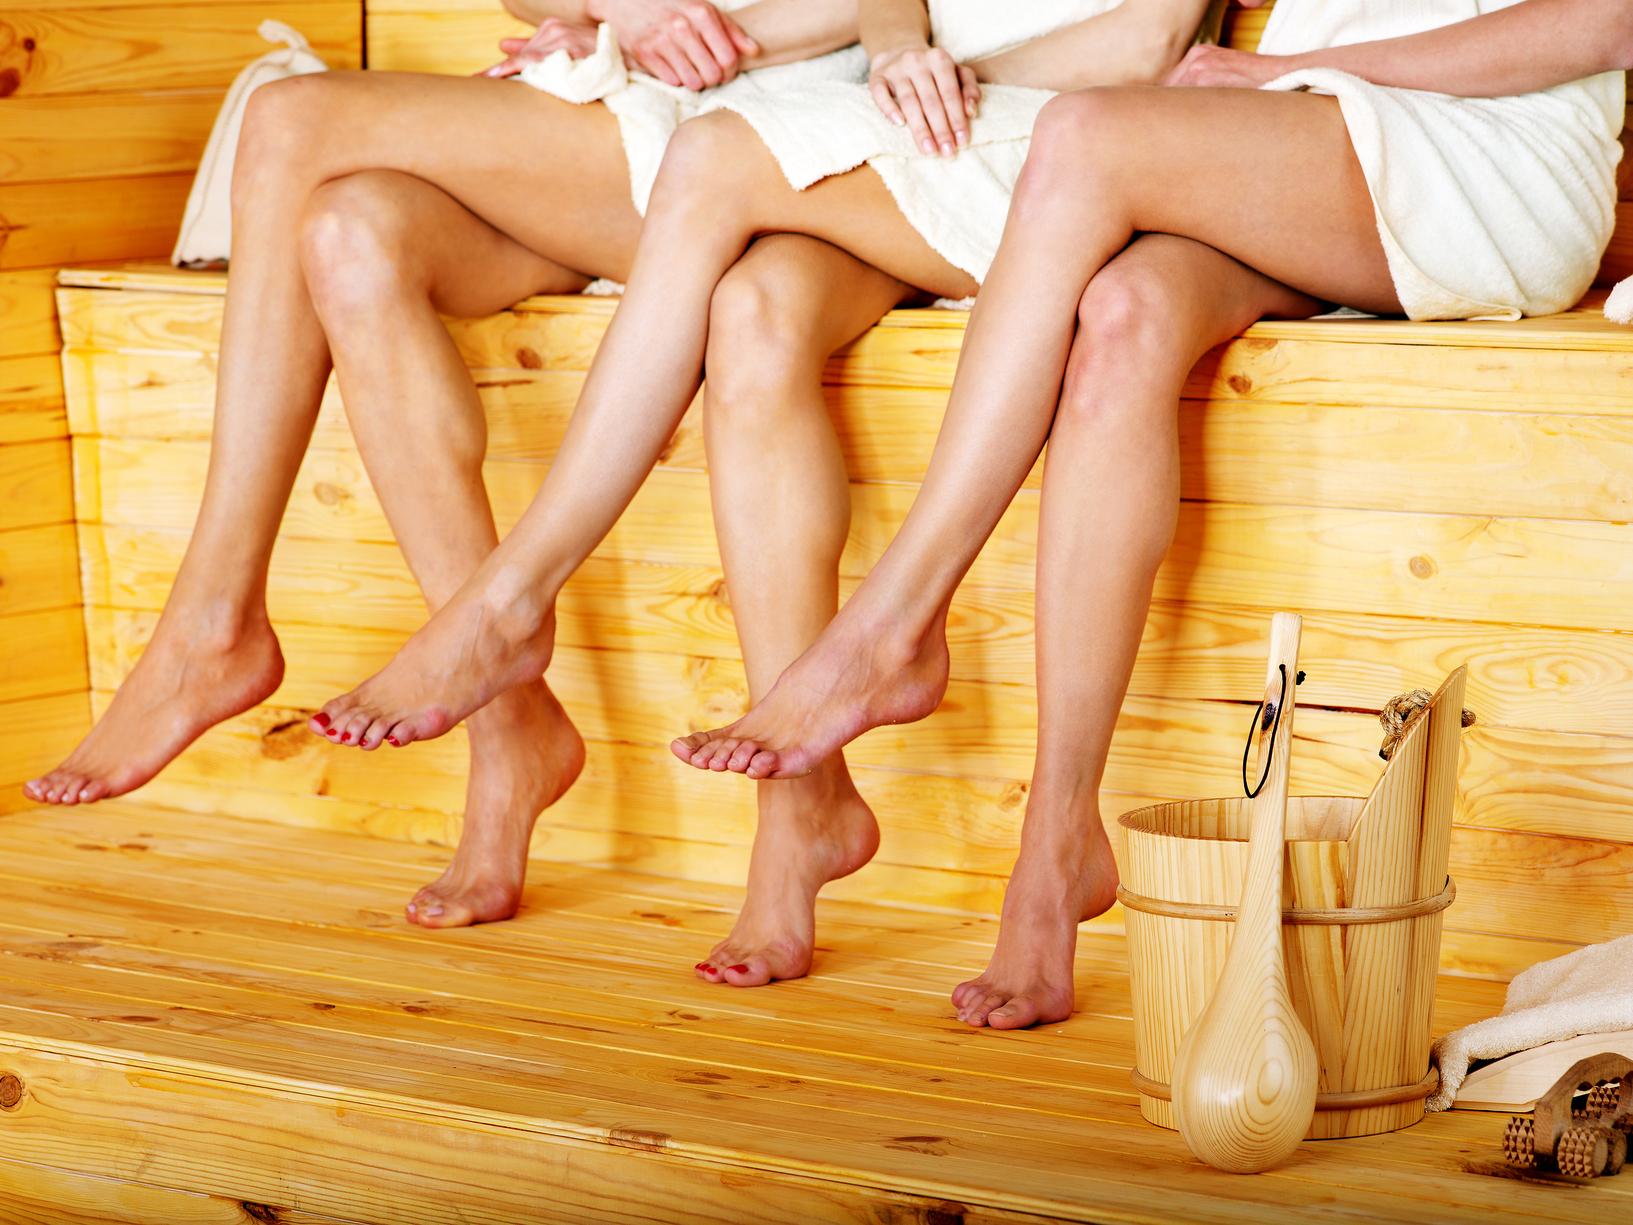 Зачем проф. спортсмены строят себе сауны и бани? Отвечаем вместе с экспертом